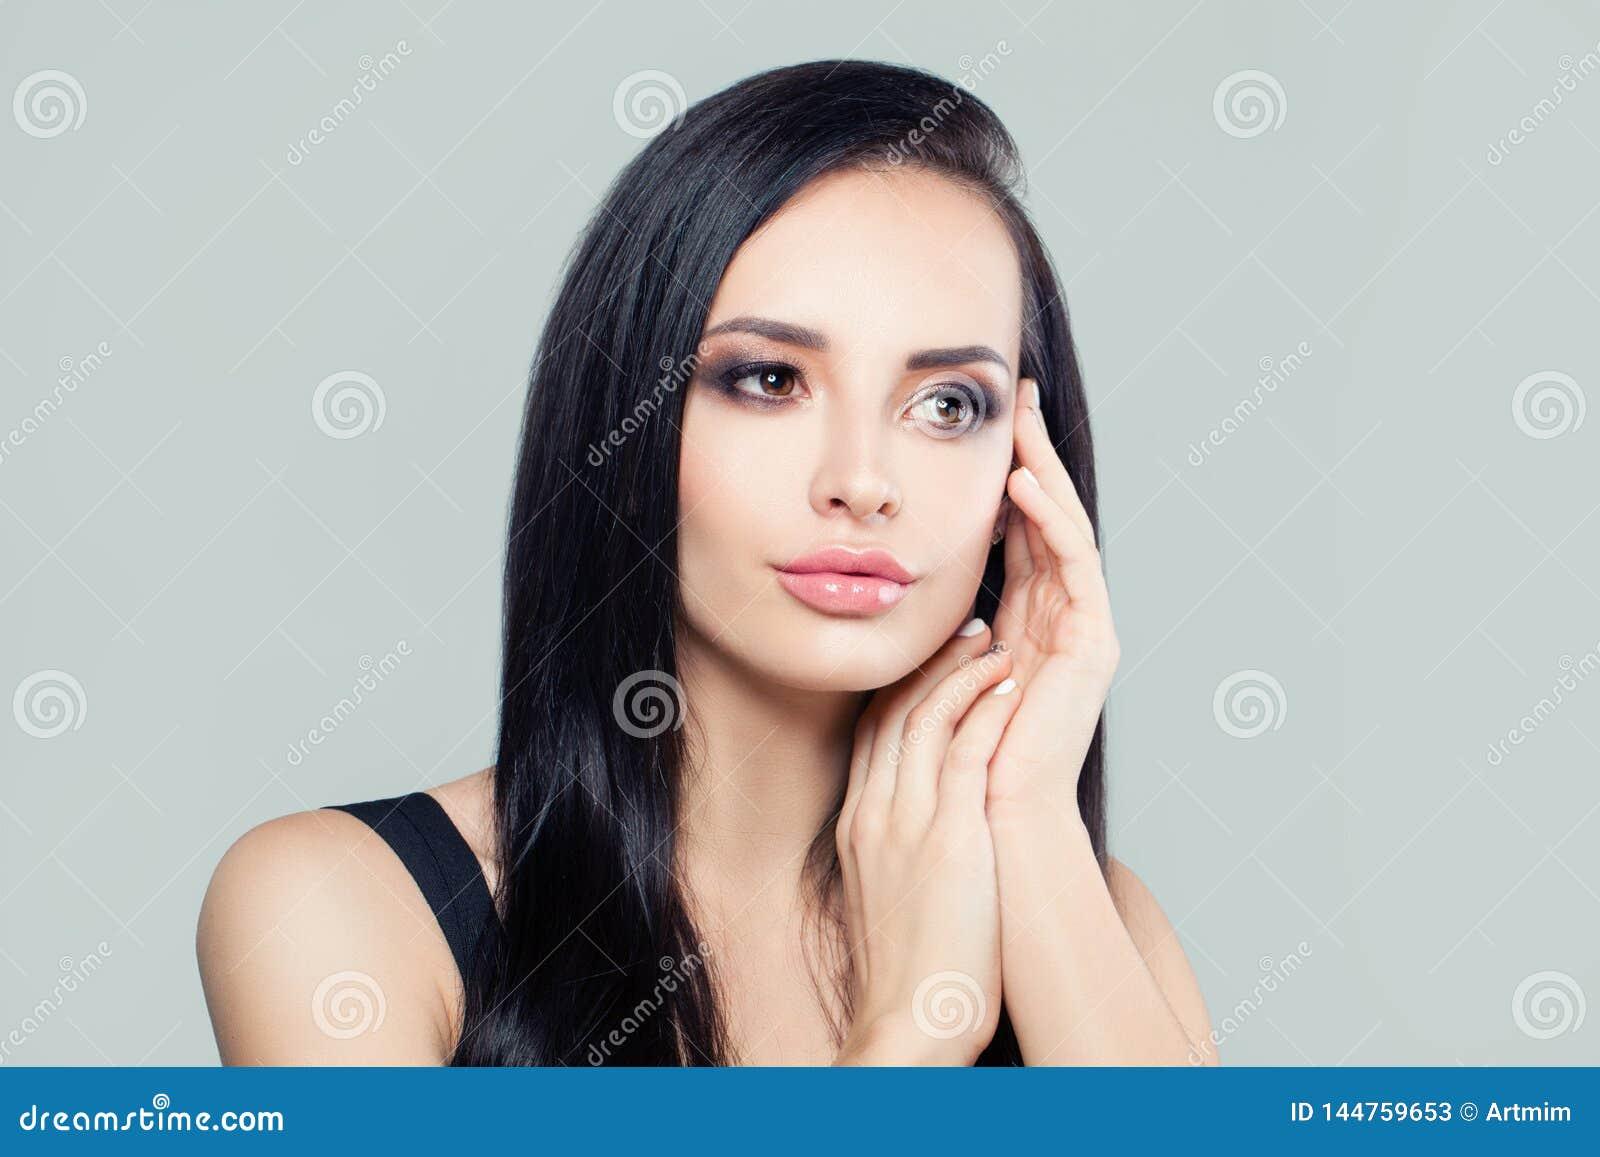 Perfekter junge Frau Brunette Attraktives weibliches Gesicht, Portr?t